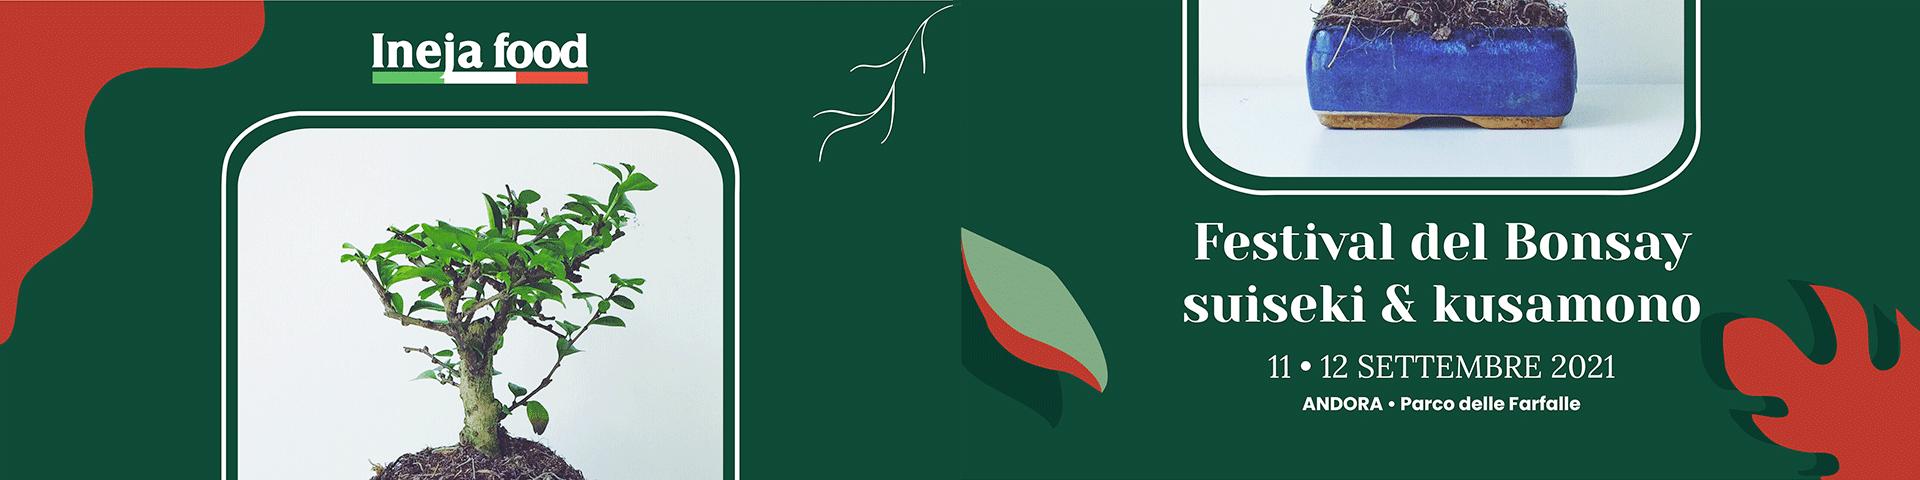 banner_festivaldelbonsai_2021